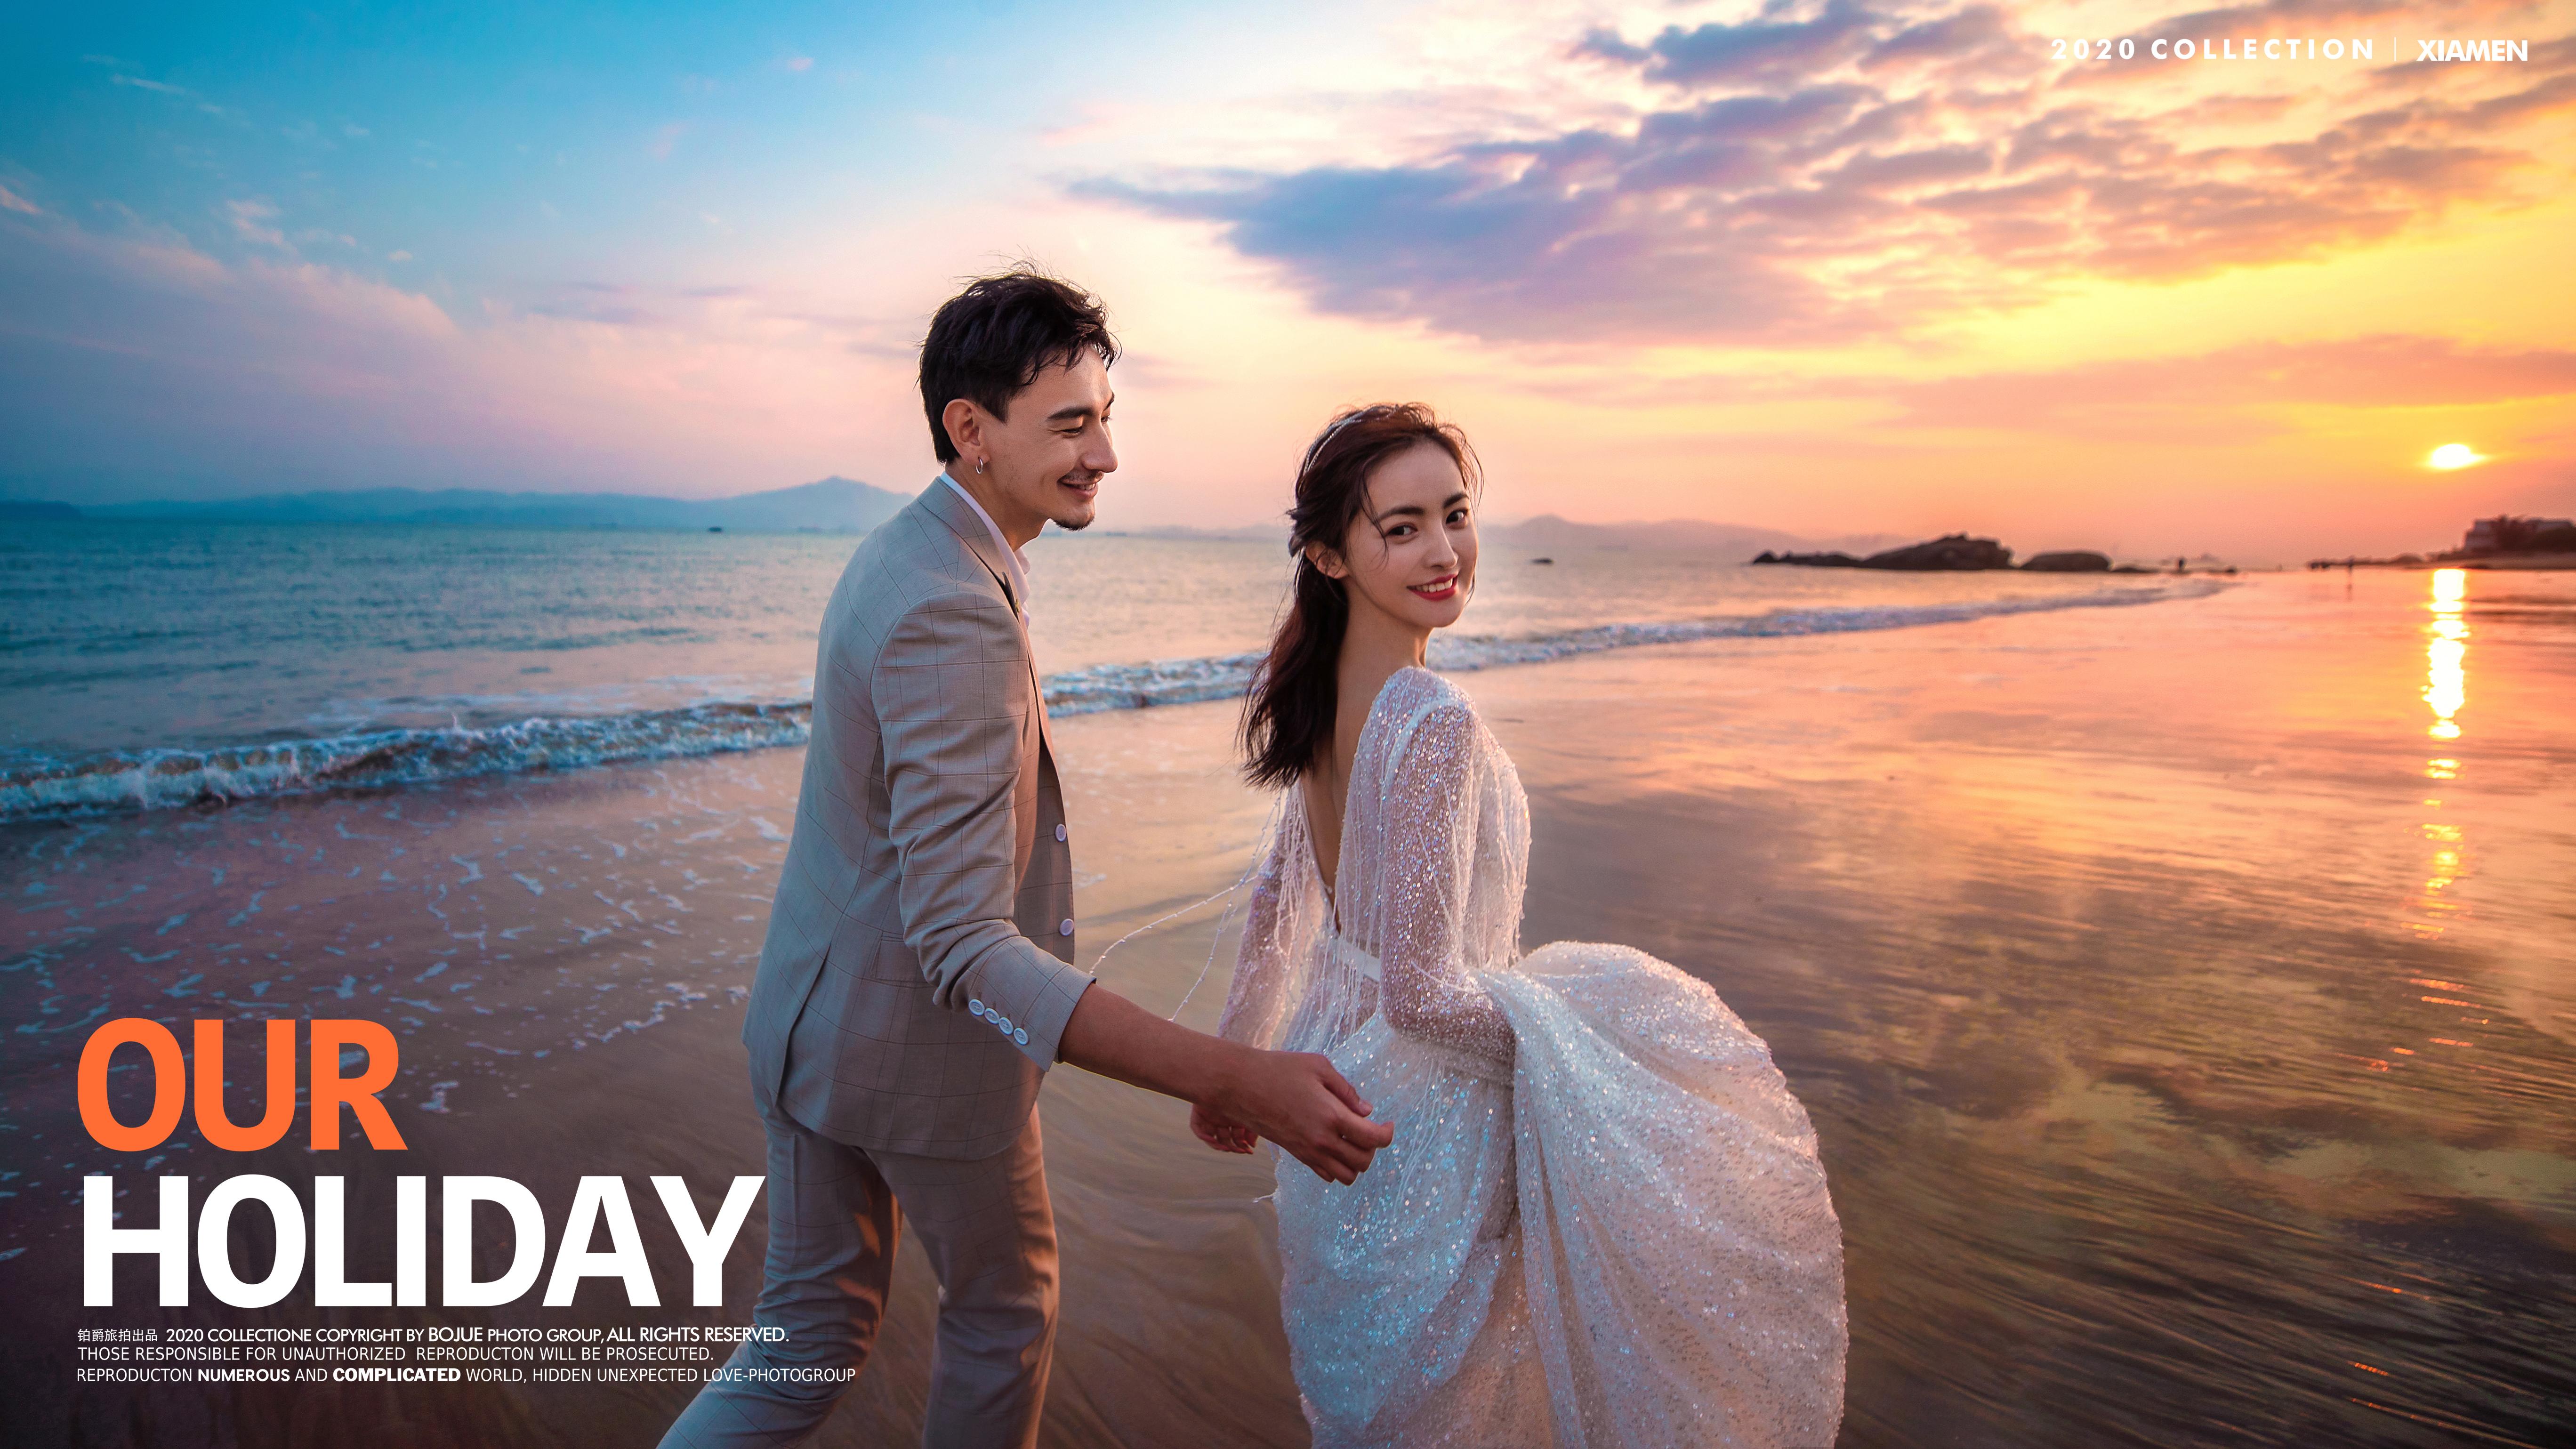 厦门海景婚纱摄影可以拍出什么效果 海景拍摄要注意什么